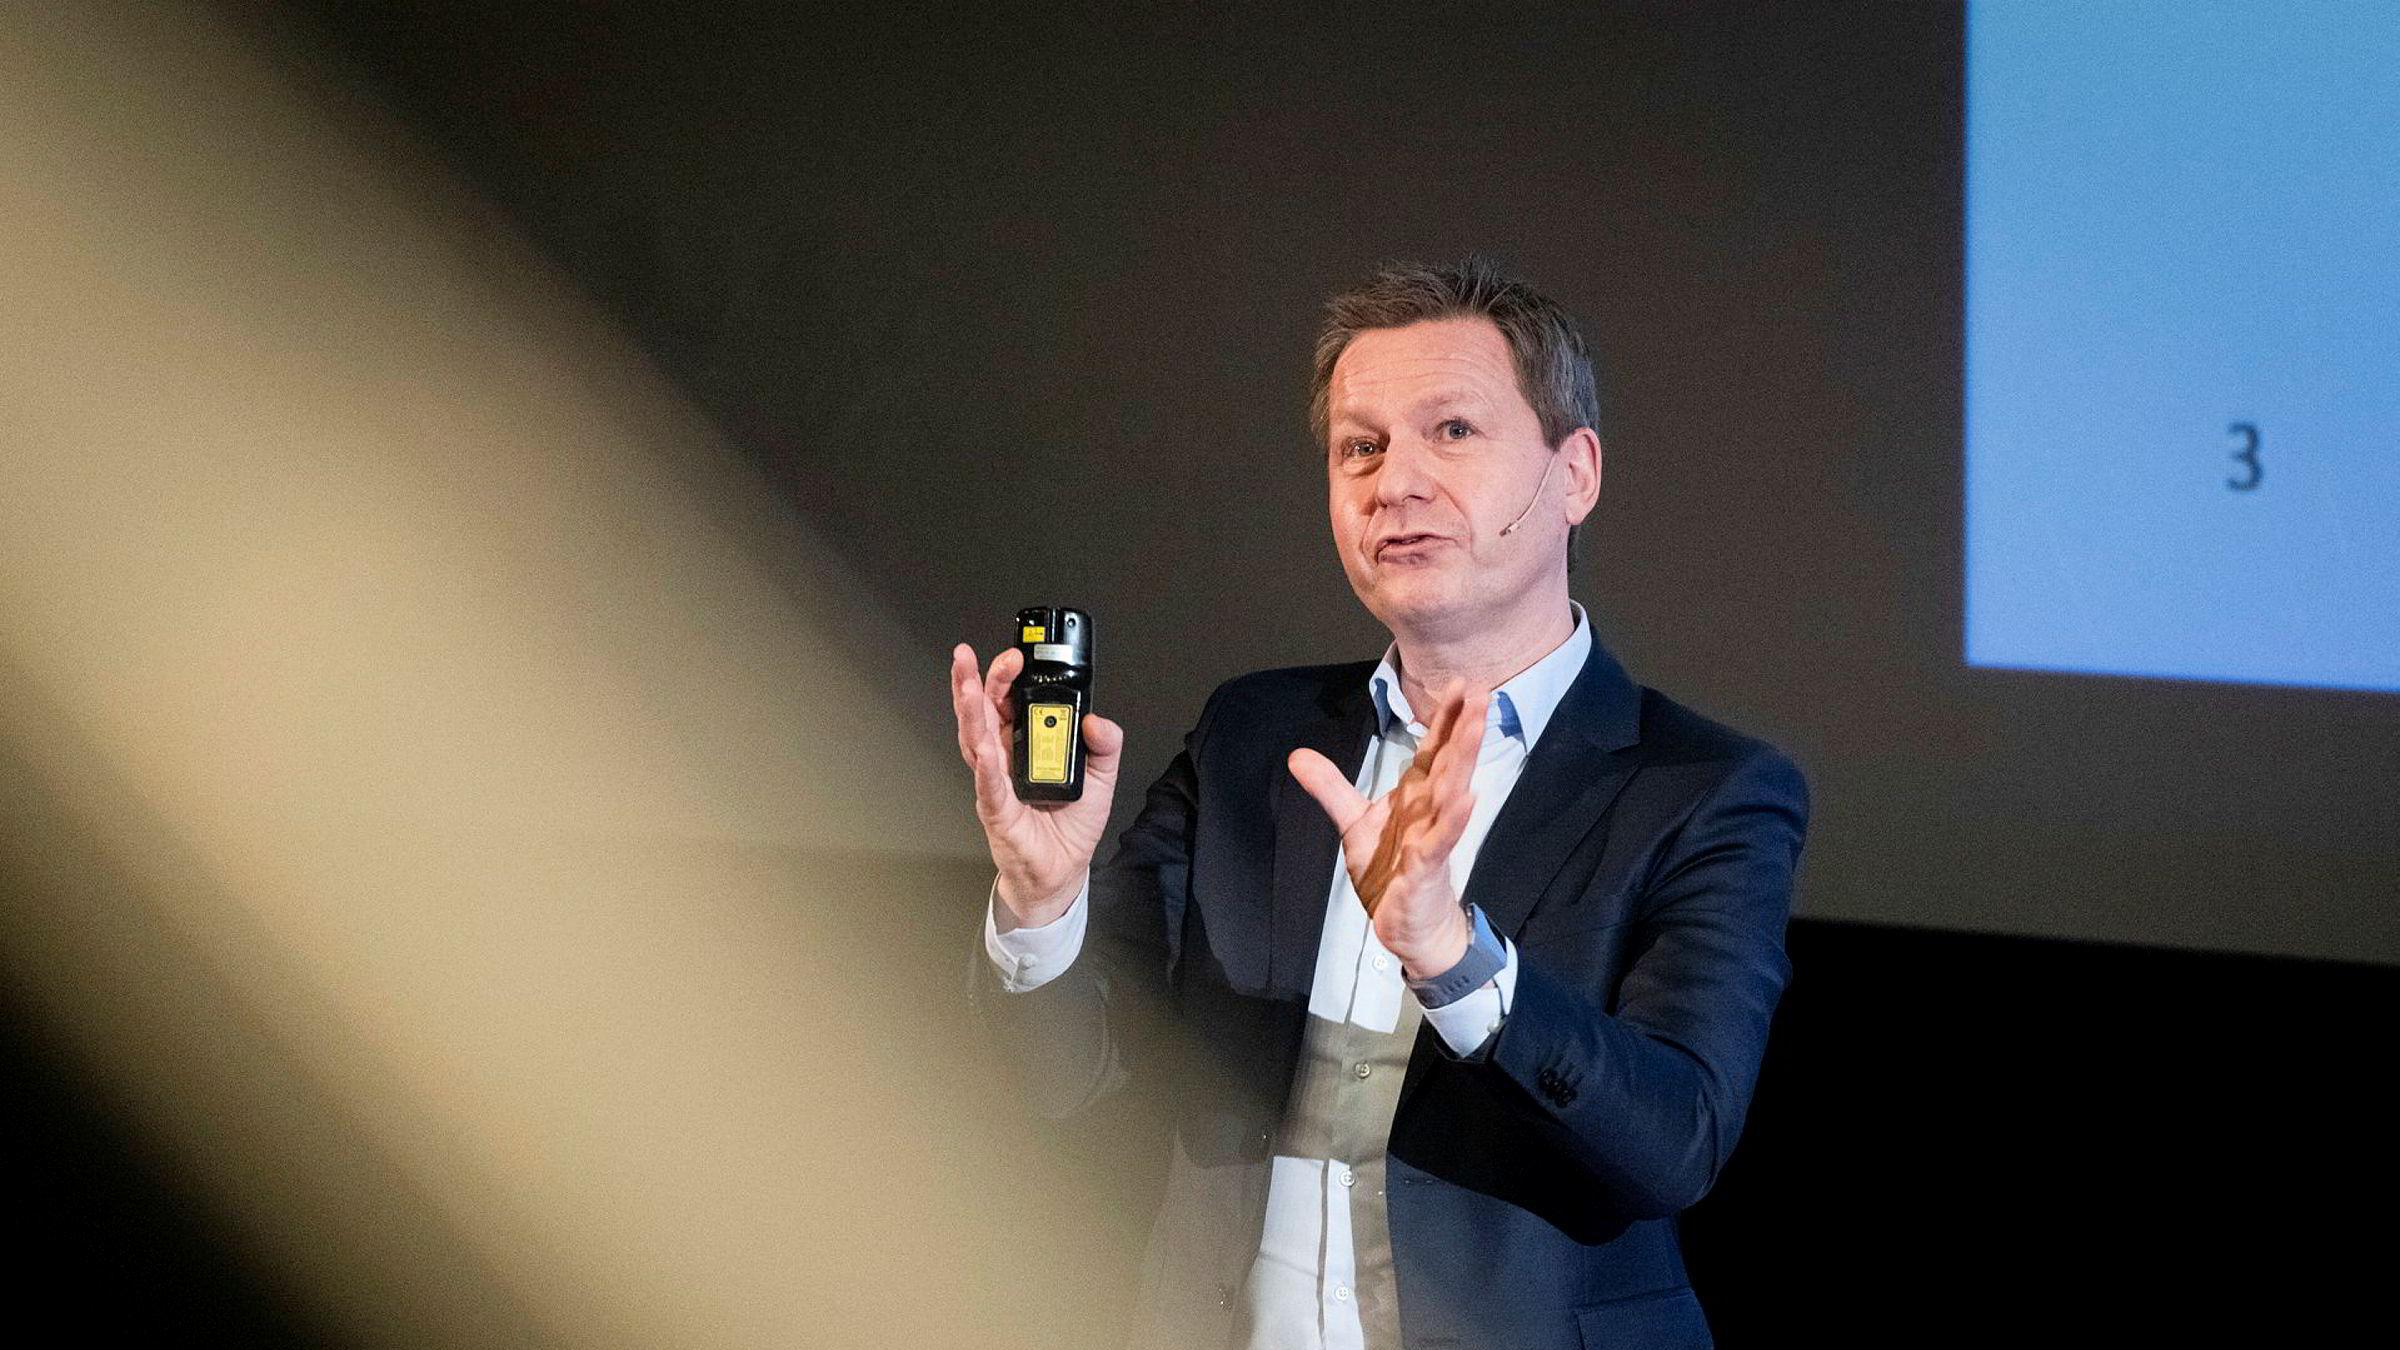 Kredittanalysesjef Pål Ringholm i Sparebank 1 Markets er ikke i tvil om at rentekurven inverteres på grunn av coronaviruset.